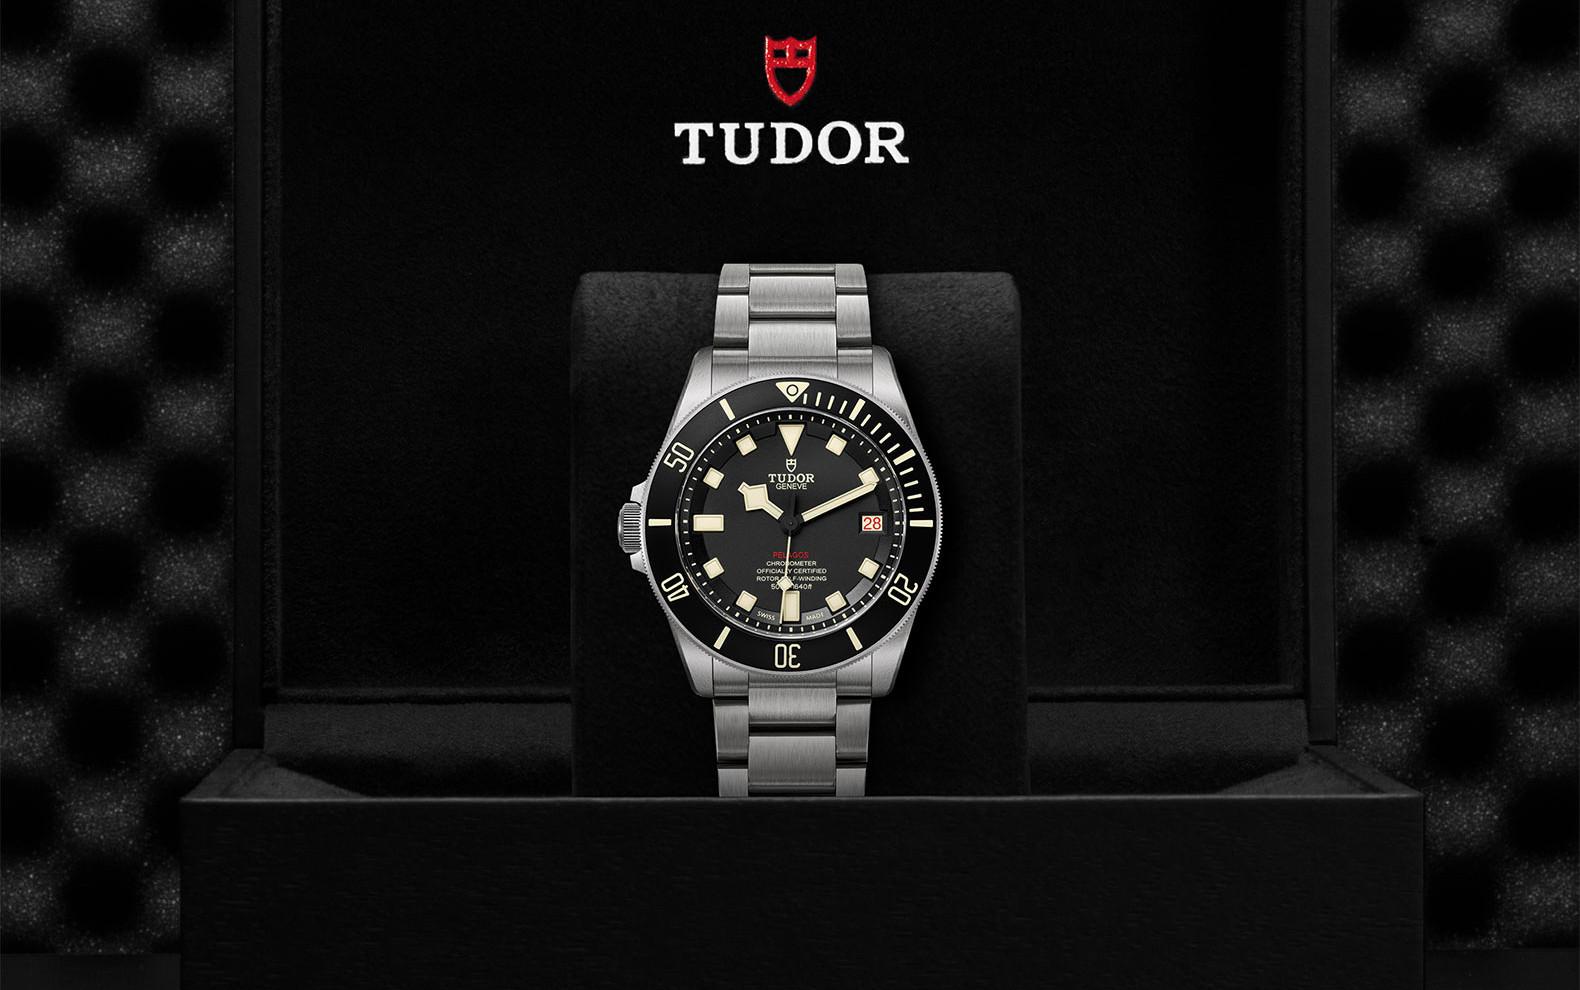 TUDOR_PELAGOS LHD M25600TB-0001